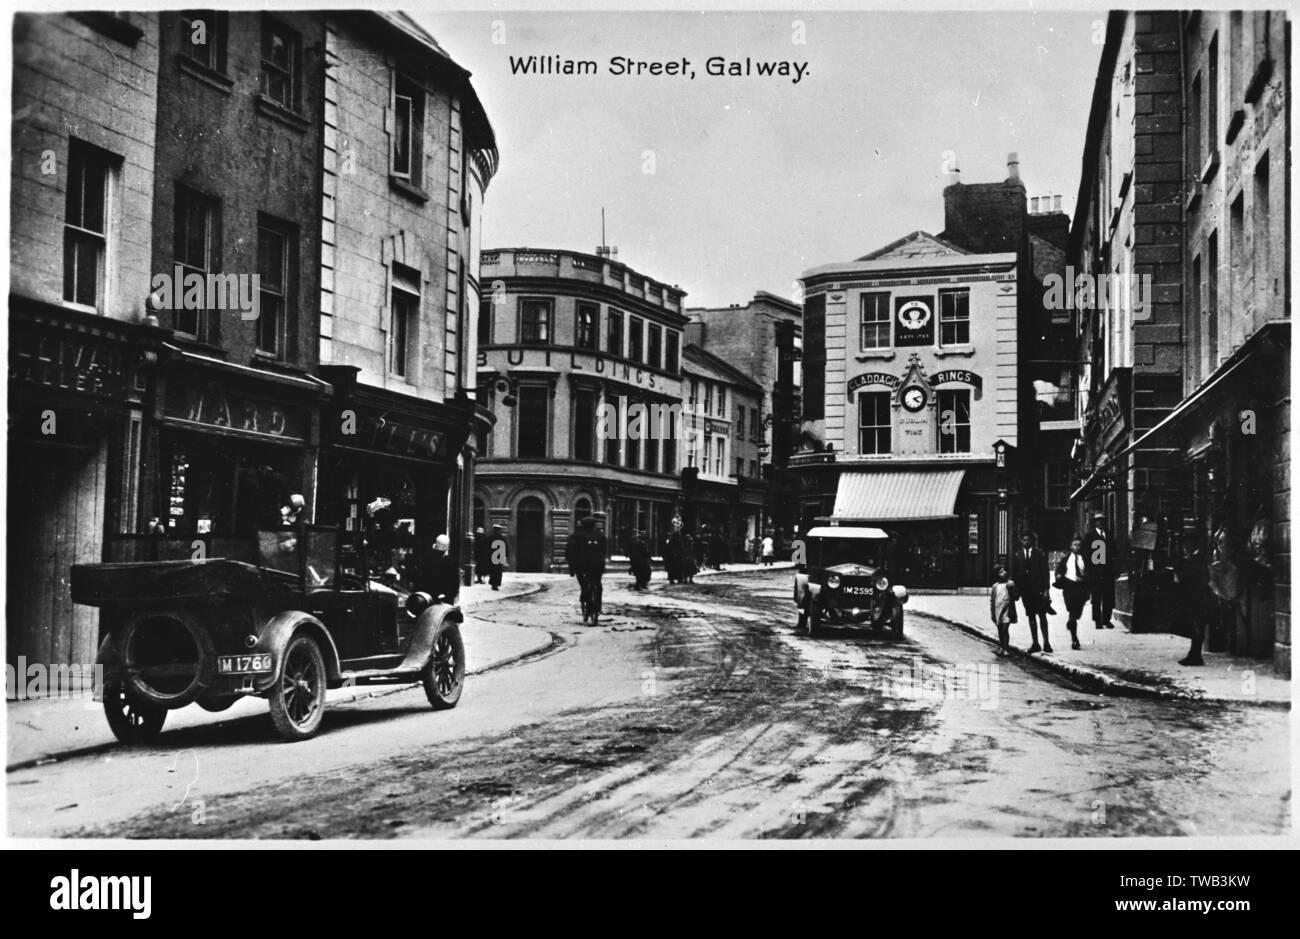 Vista di William Street, Galway, Irlanda, con neve sul terreno. Data: circa 1912 Foto Stock